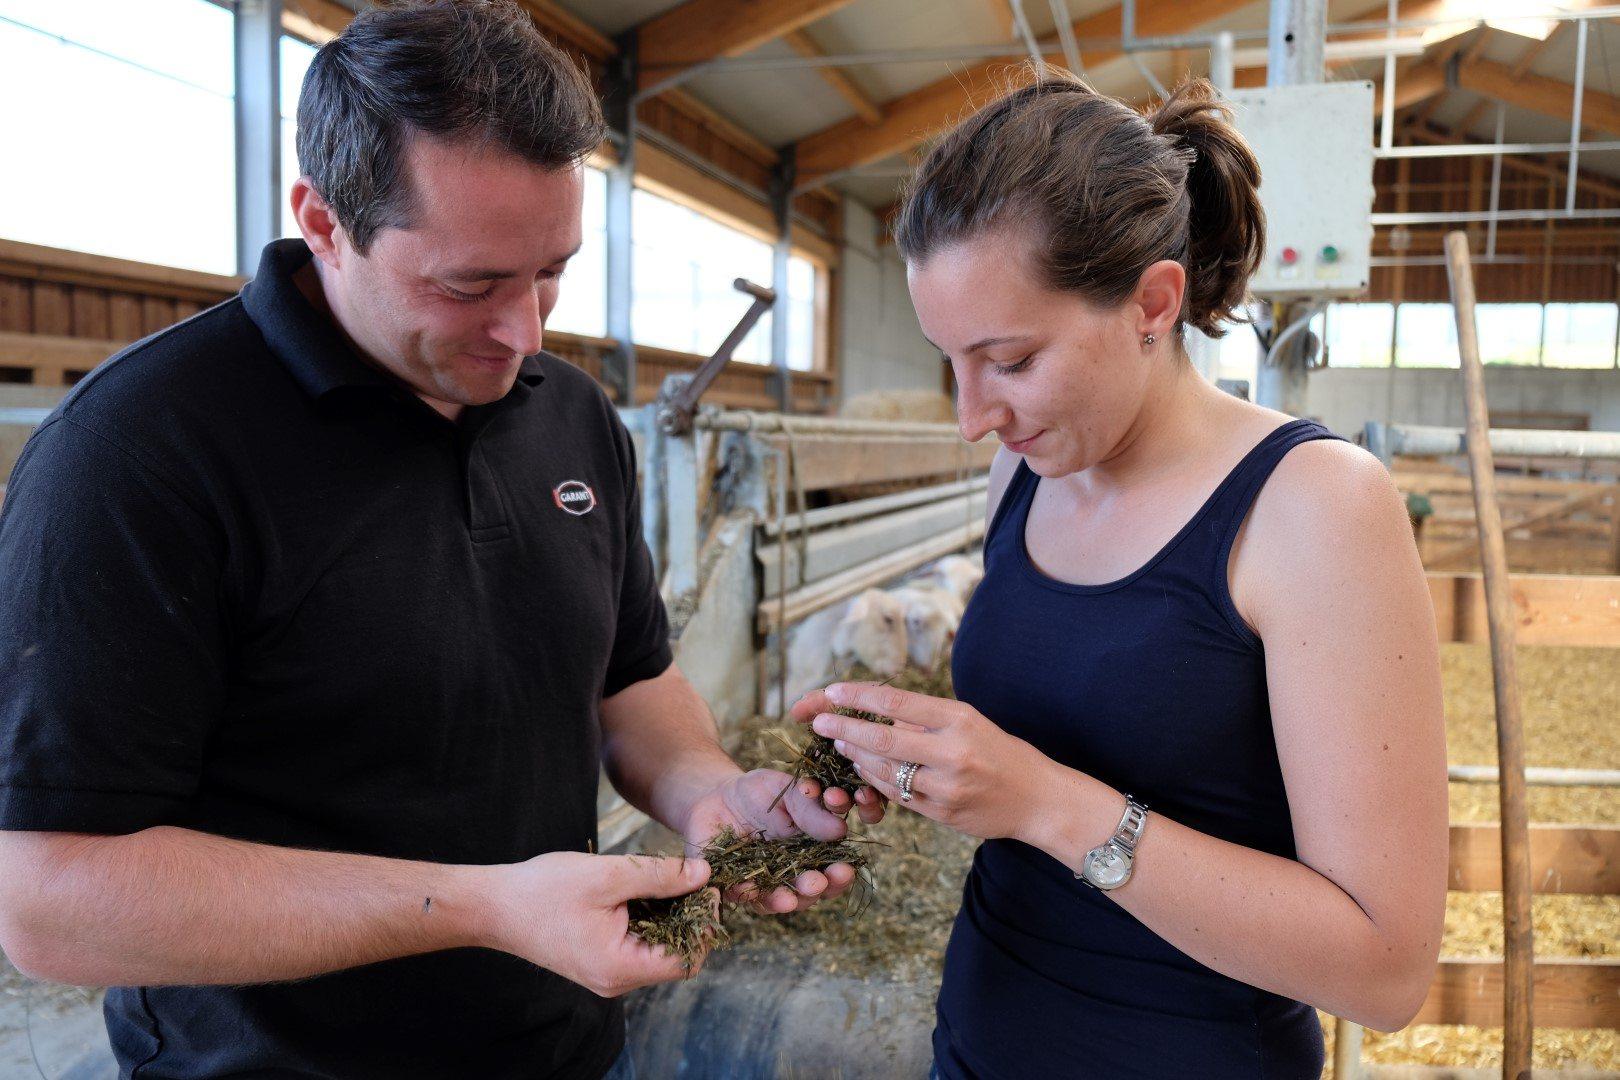 Fütterungsexperte Leonhard Kupfer im Lämmerstall im Gespräch mit einer Landwirtin.